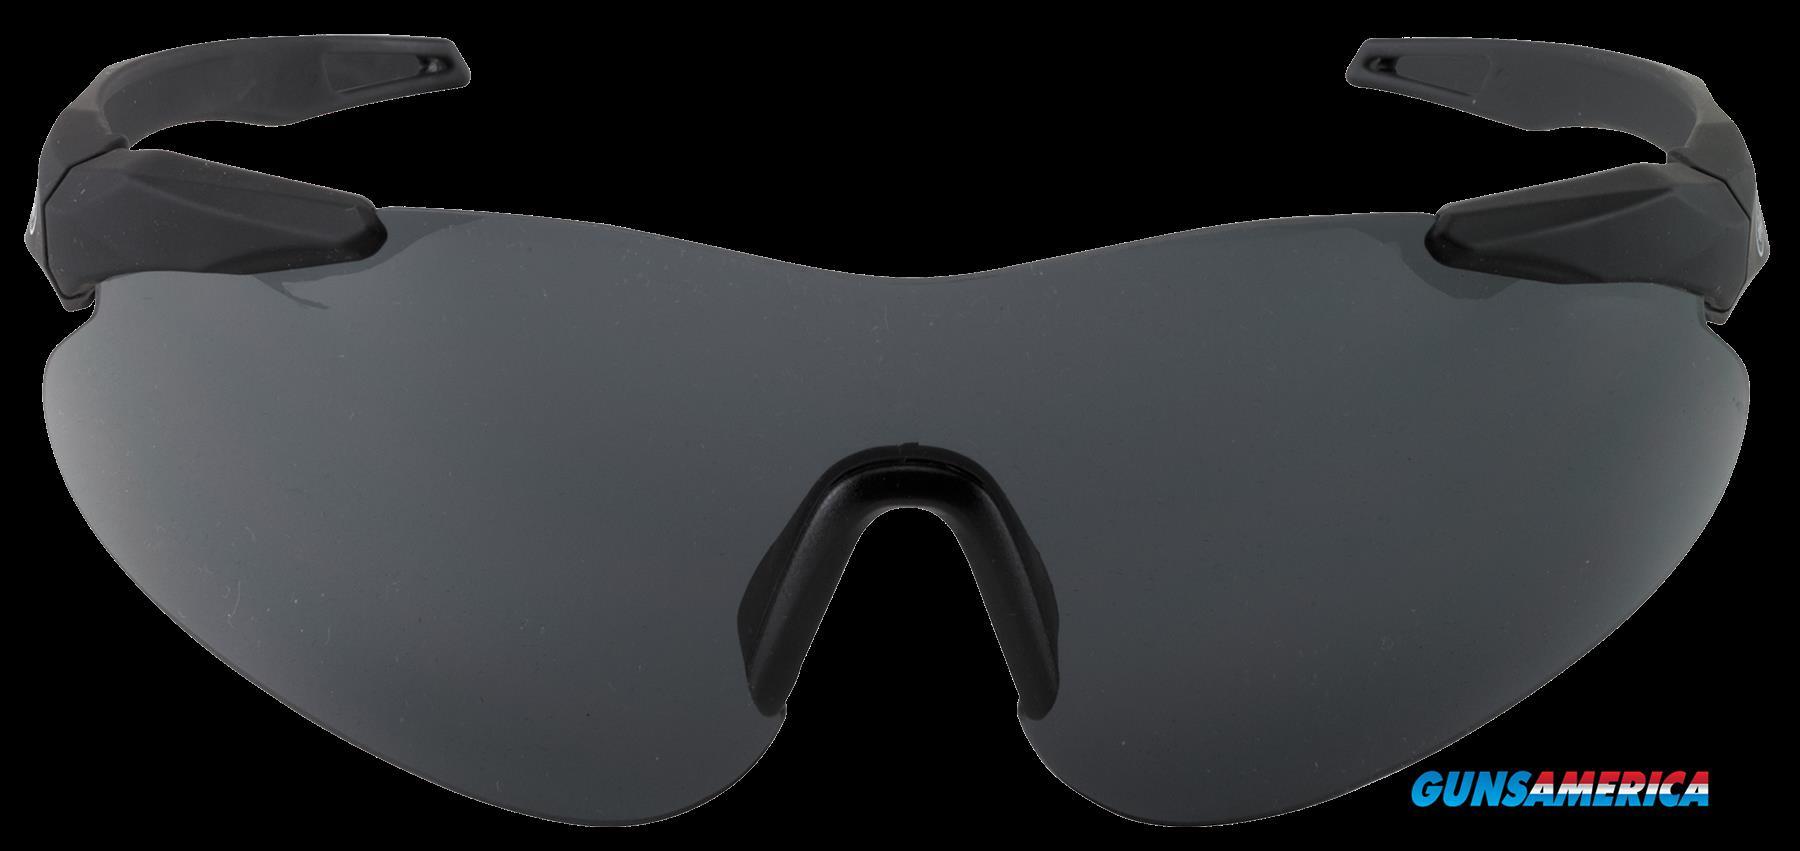 Beretta Usa Soft Touch, Ber Oca100020999  Basic Glasses   Black  Guns > Pistols > 1911 Pistol Copies (non-Colt)